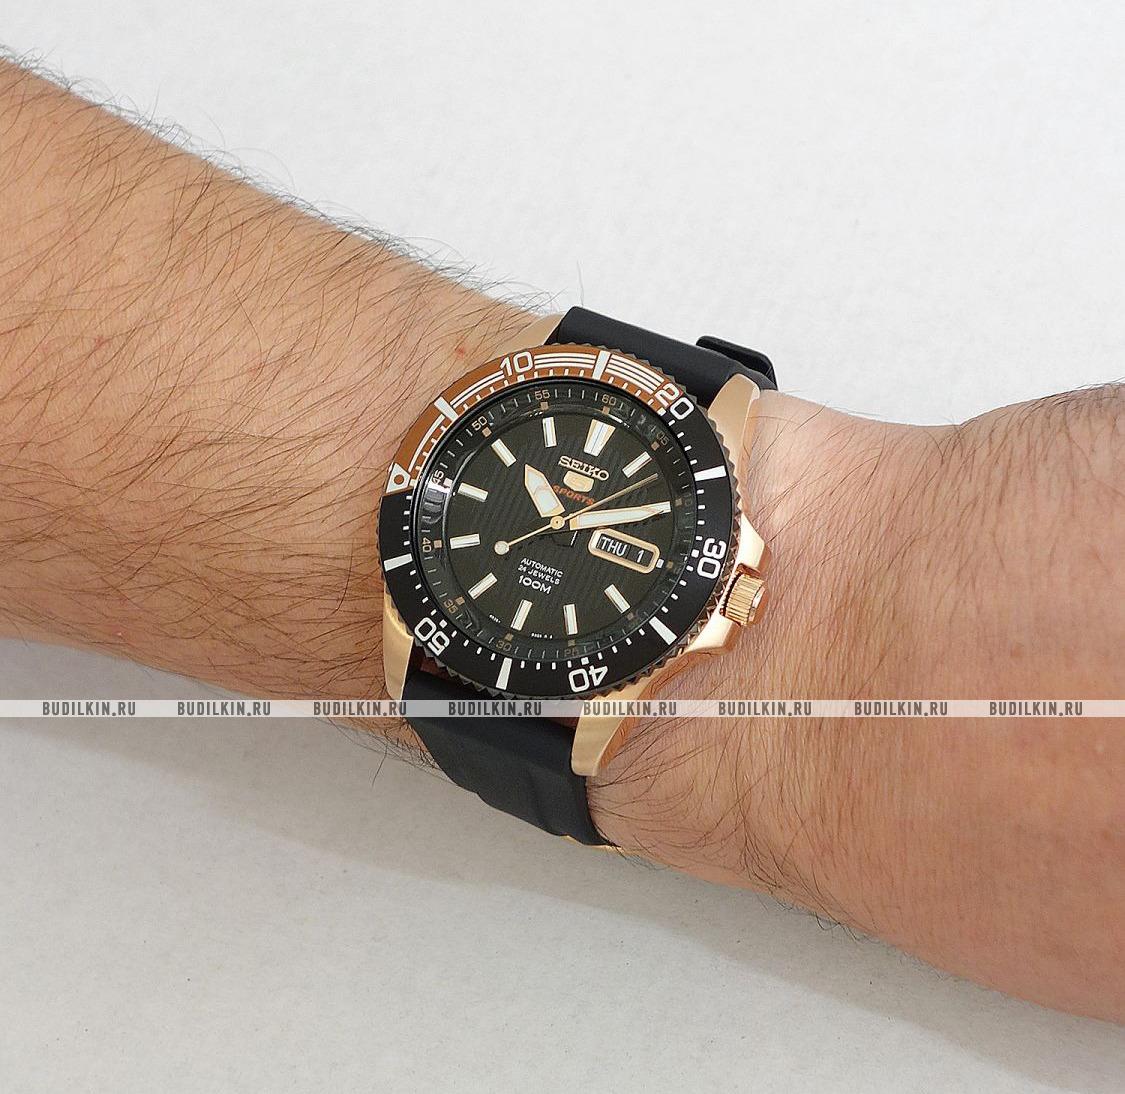 Фото японских часов Мужские японские наручные часы Seiko Automatic with Hand-winding SRP560K1